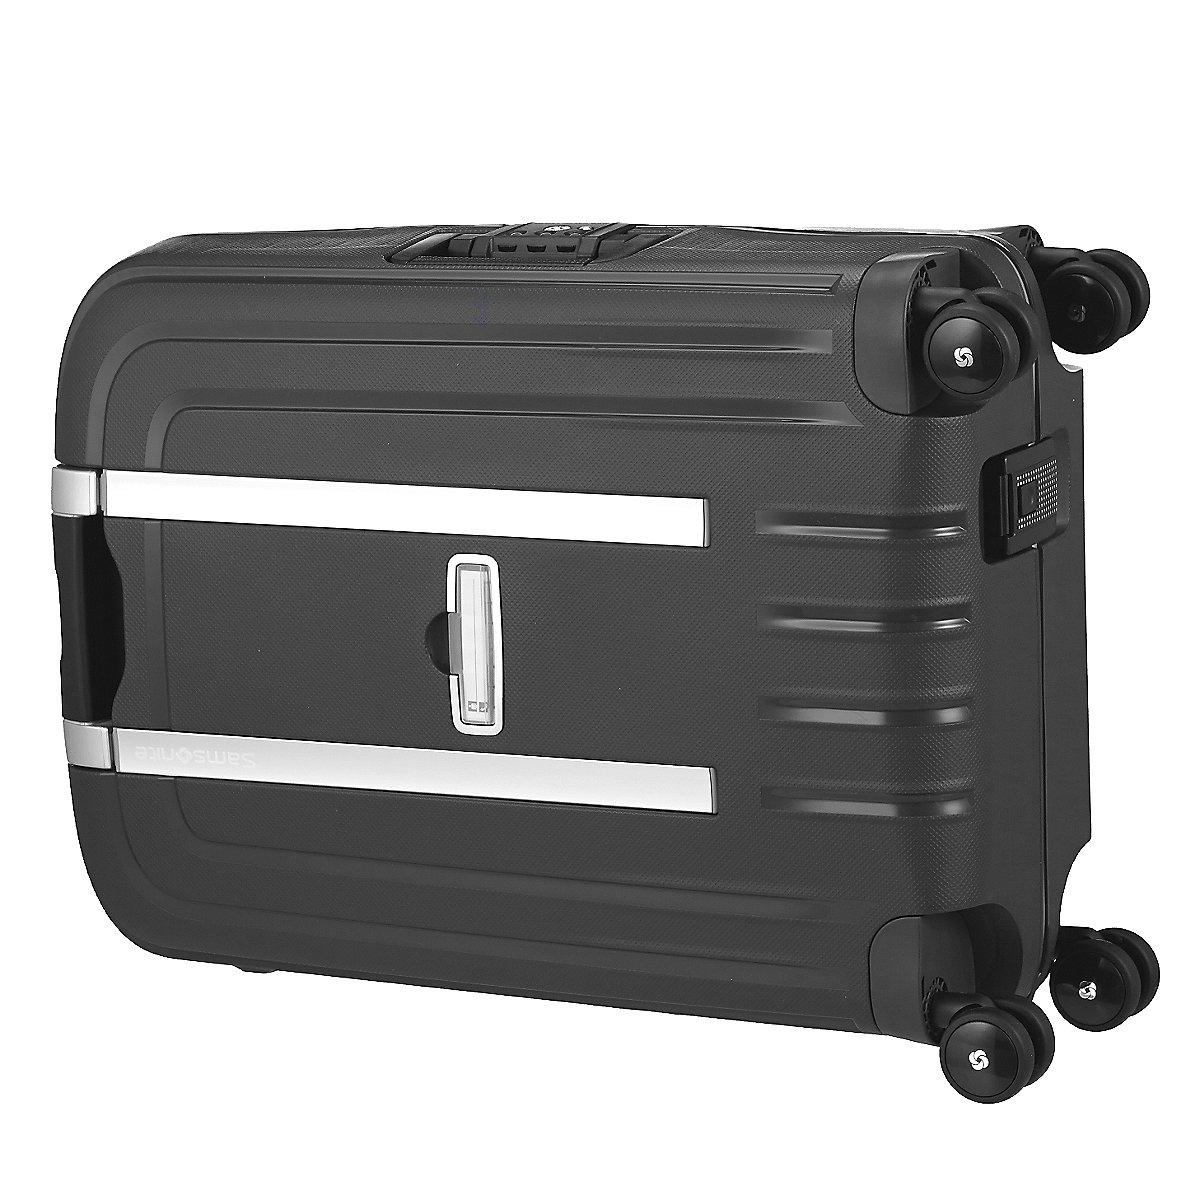 samsonite s cure dlx 4 rollen trolley 55 cm koffer. Black Bedroom Furniture Sets. Home Design Ideas